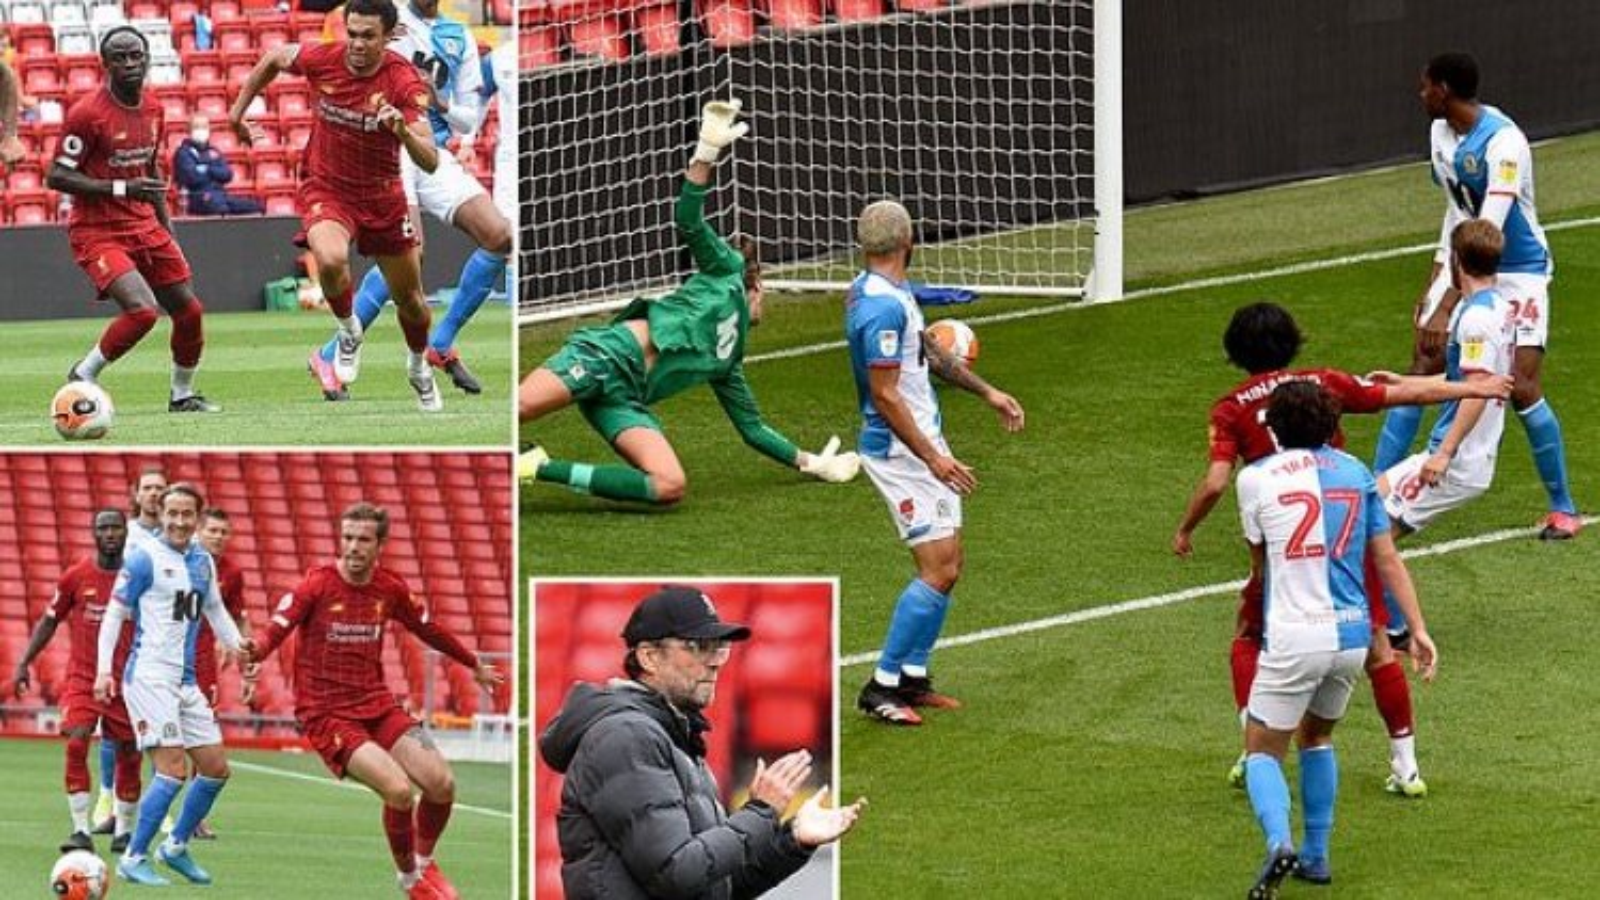 Minamino ghi bàn, Liverpool đại thắng trước khi Premier League trở lại